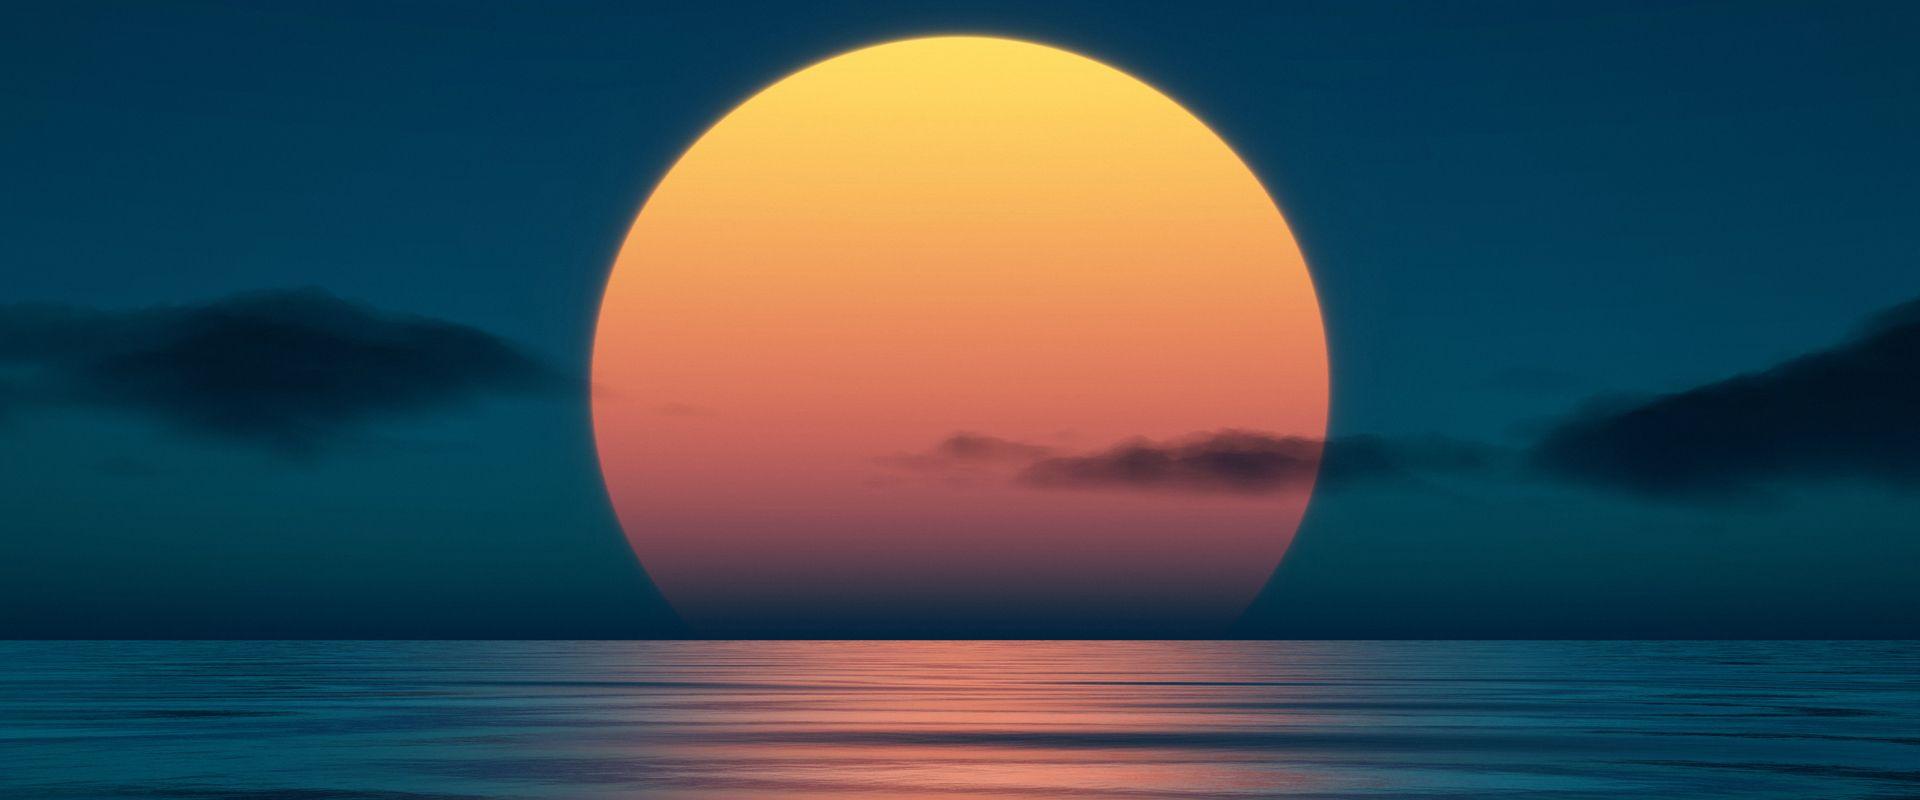 الشمس السماء القمر الغروب الخلفية Free Background Photos Sky Moon Sunrise